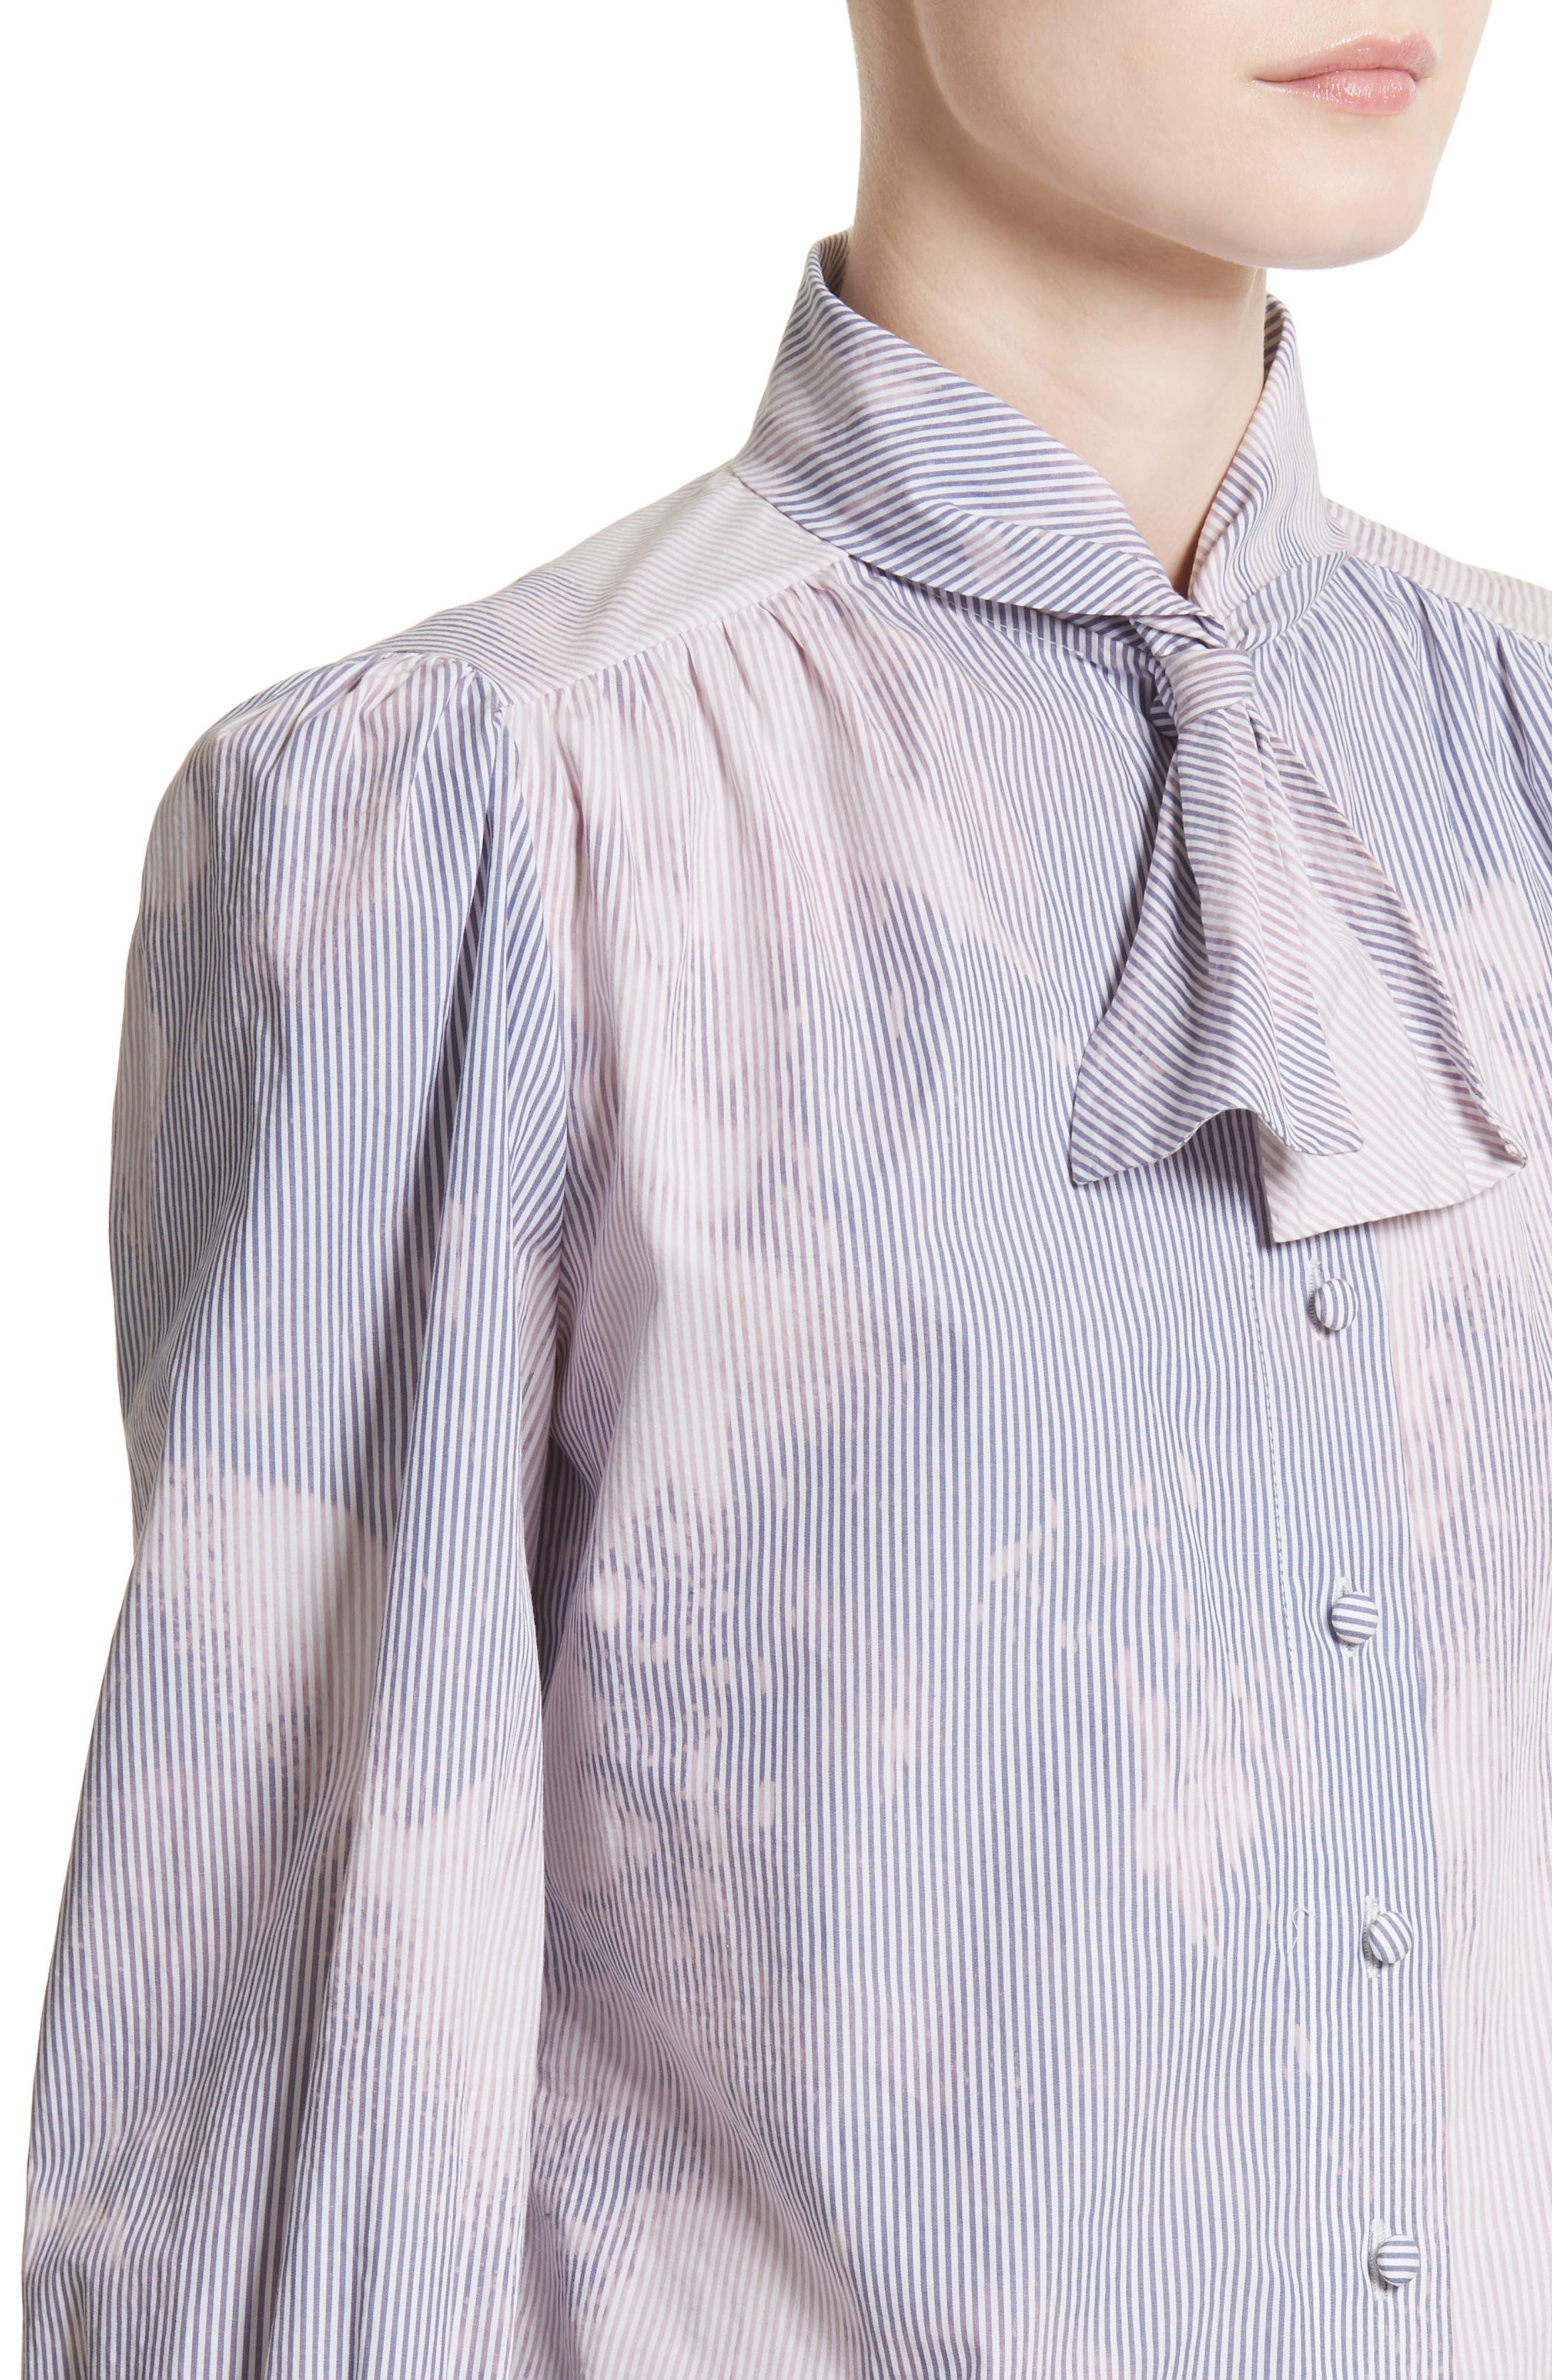 Hand Tie Dye Boy Scout Blouse,                             Alternate thumbnail 4, color,                             Navy Stripe